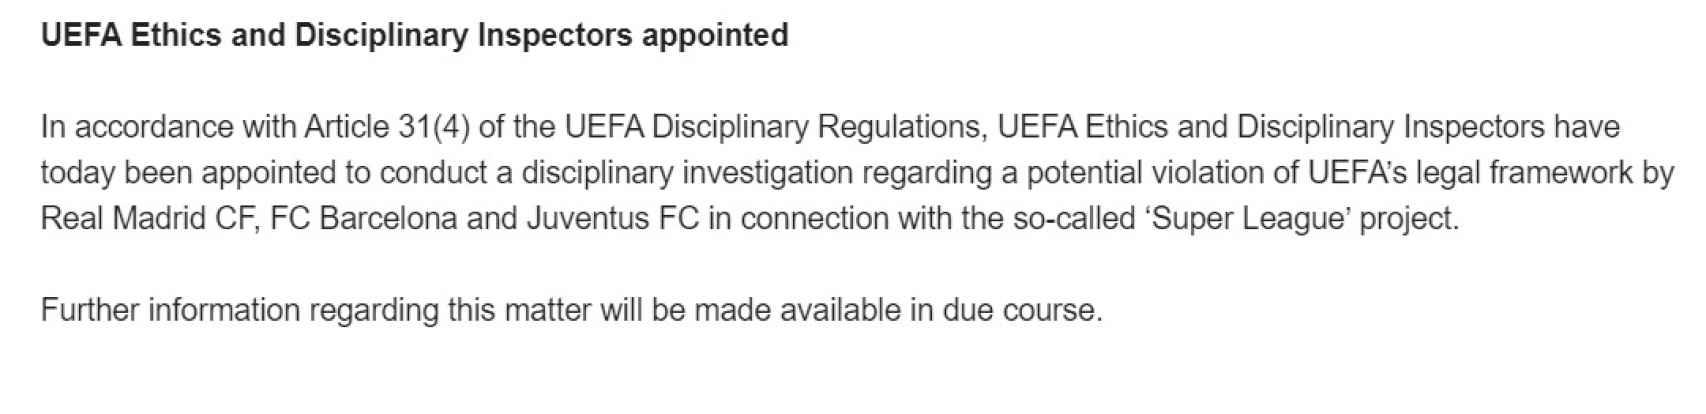 El comunicado de UEFA anunciando el inicio de la investigación contra los clubes de la Superliga